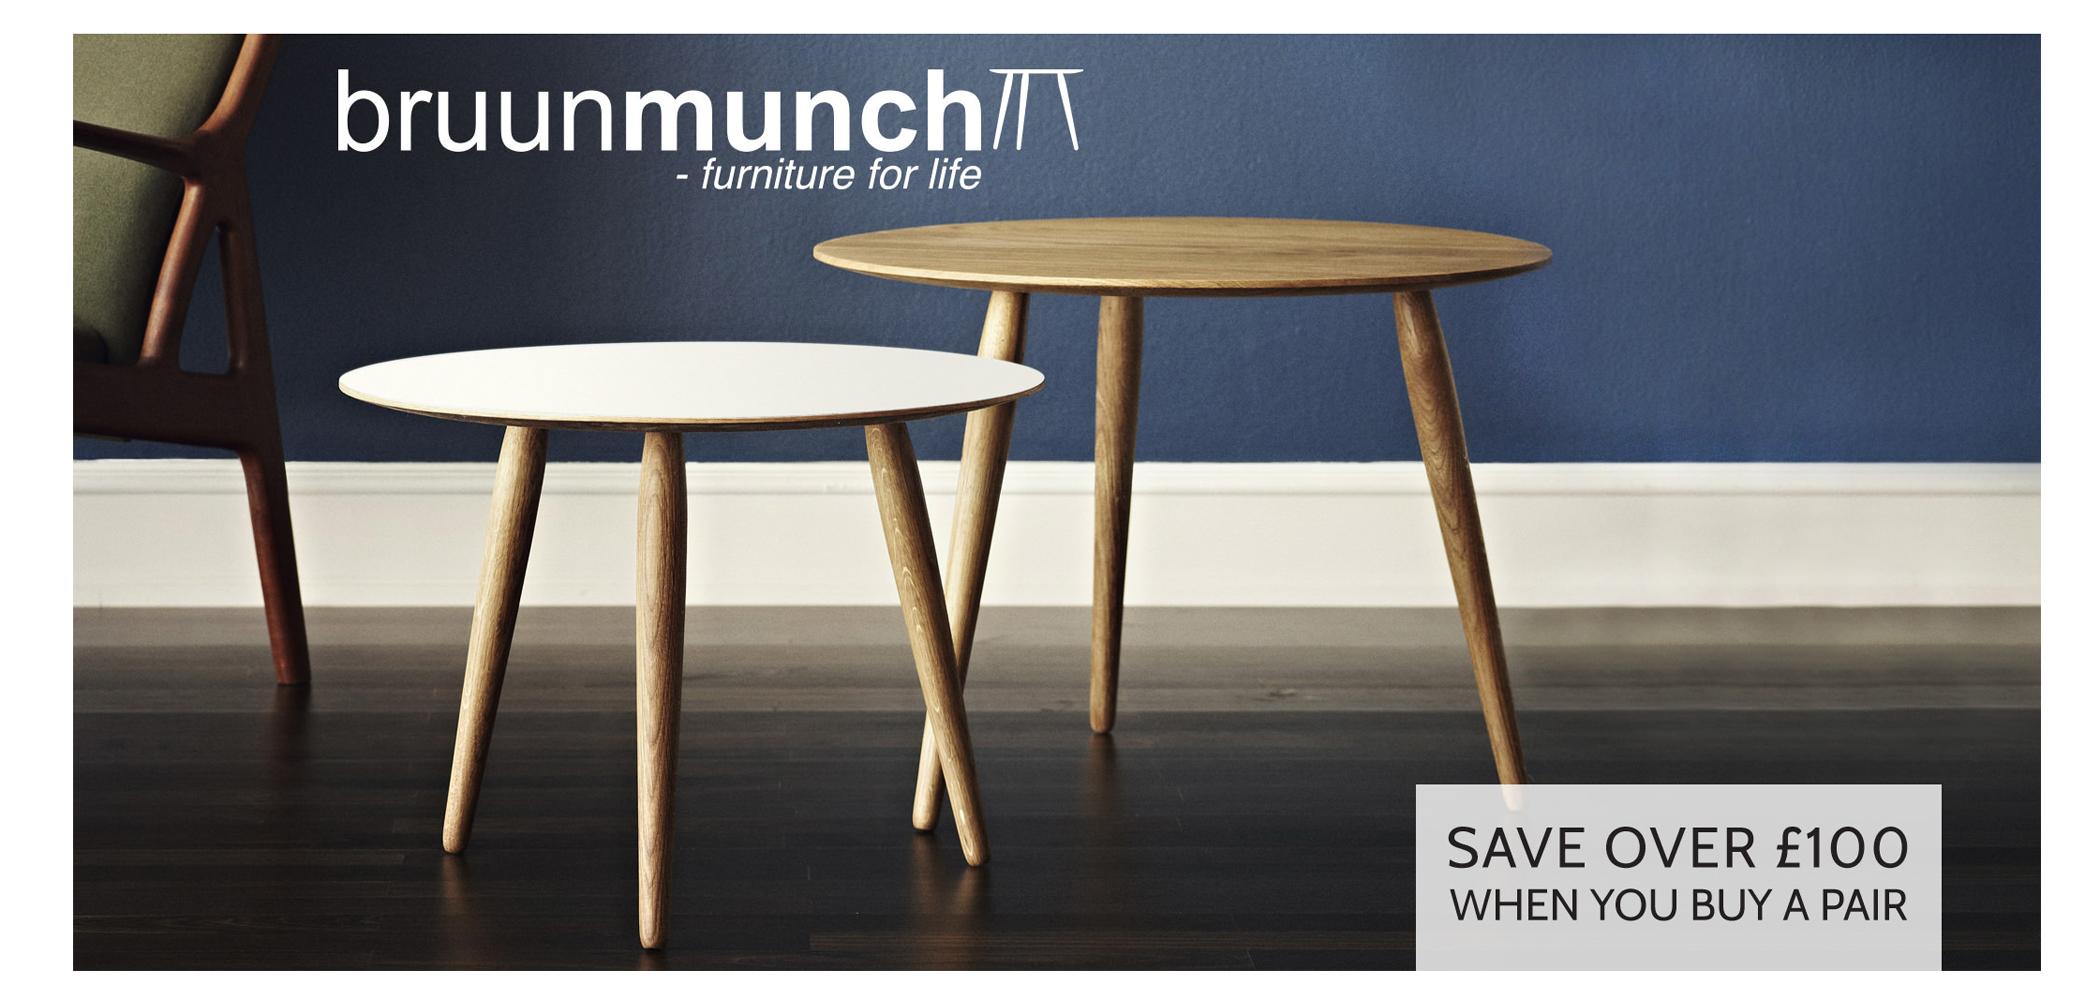 Bruunmunch furniture for life